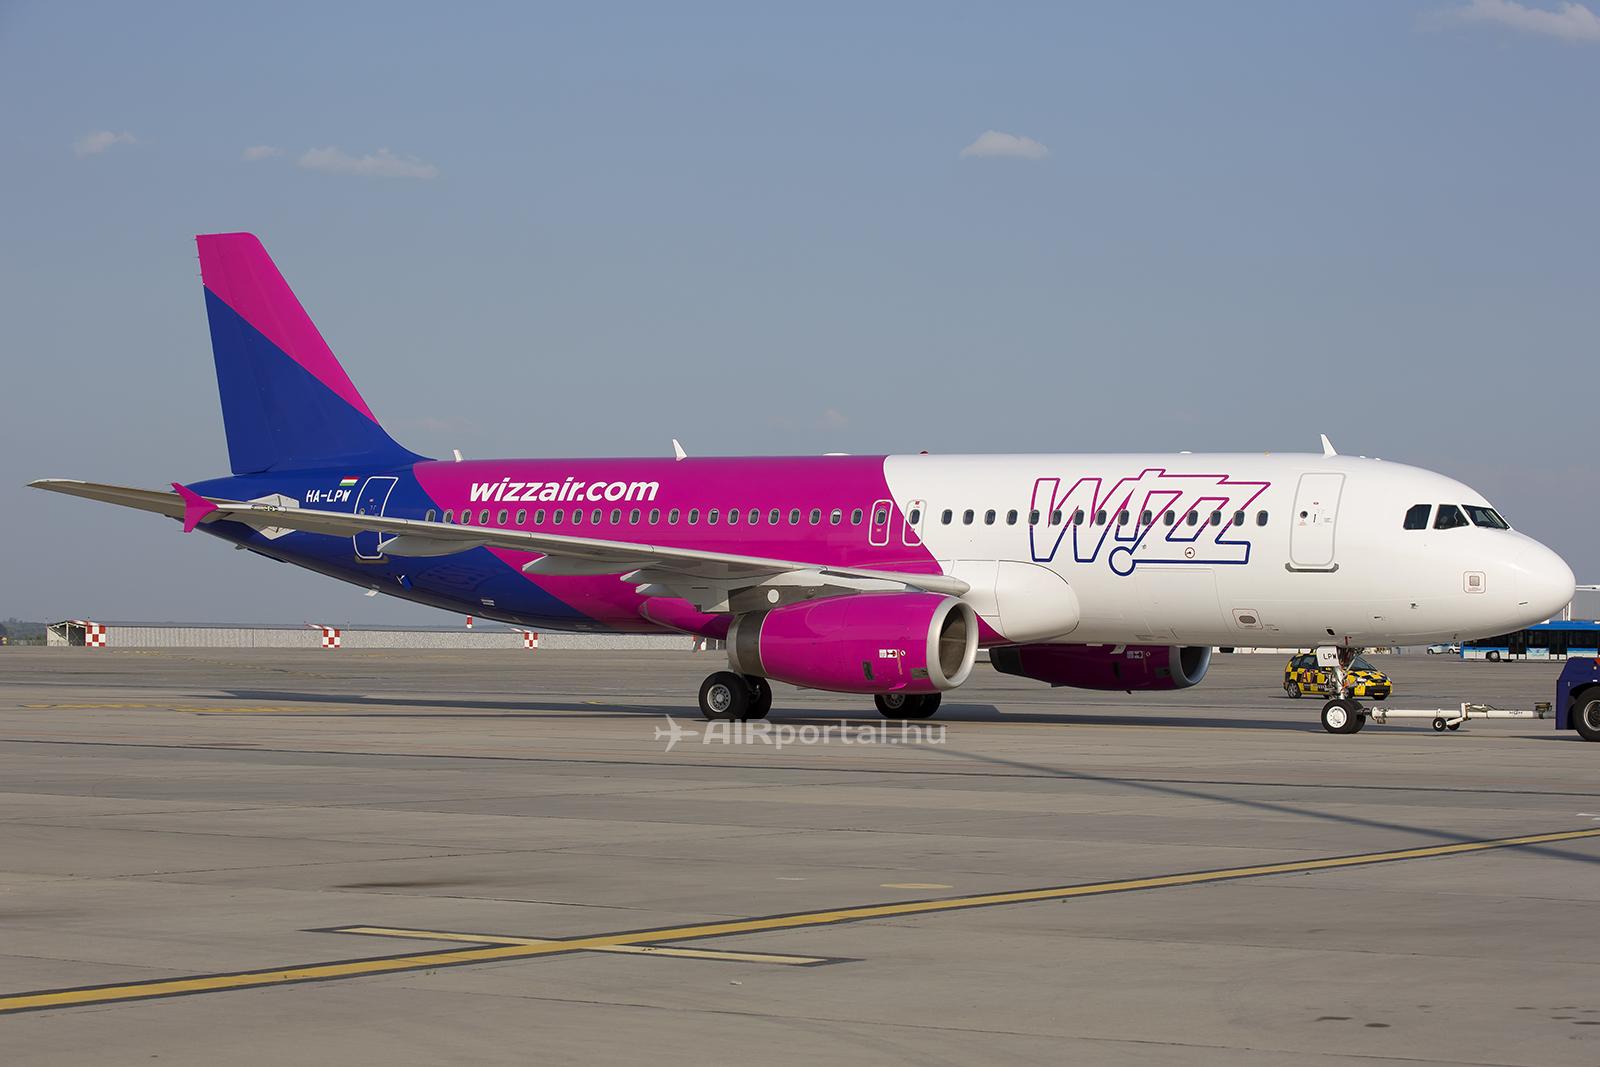 A Wizz Air új arculat szerint átfestett repülőgépe Ferihegyen. (Fotó: AIRportal.hu) | © AIRportal.hu